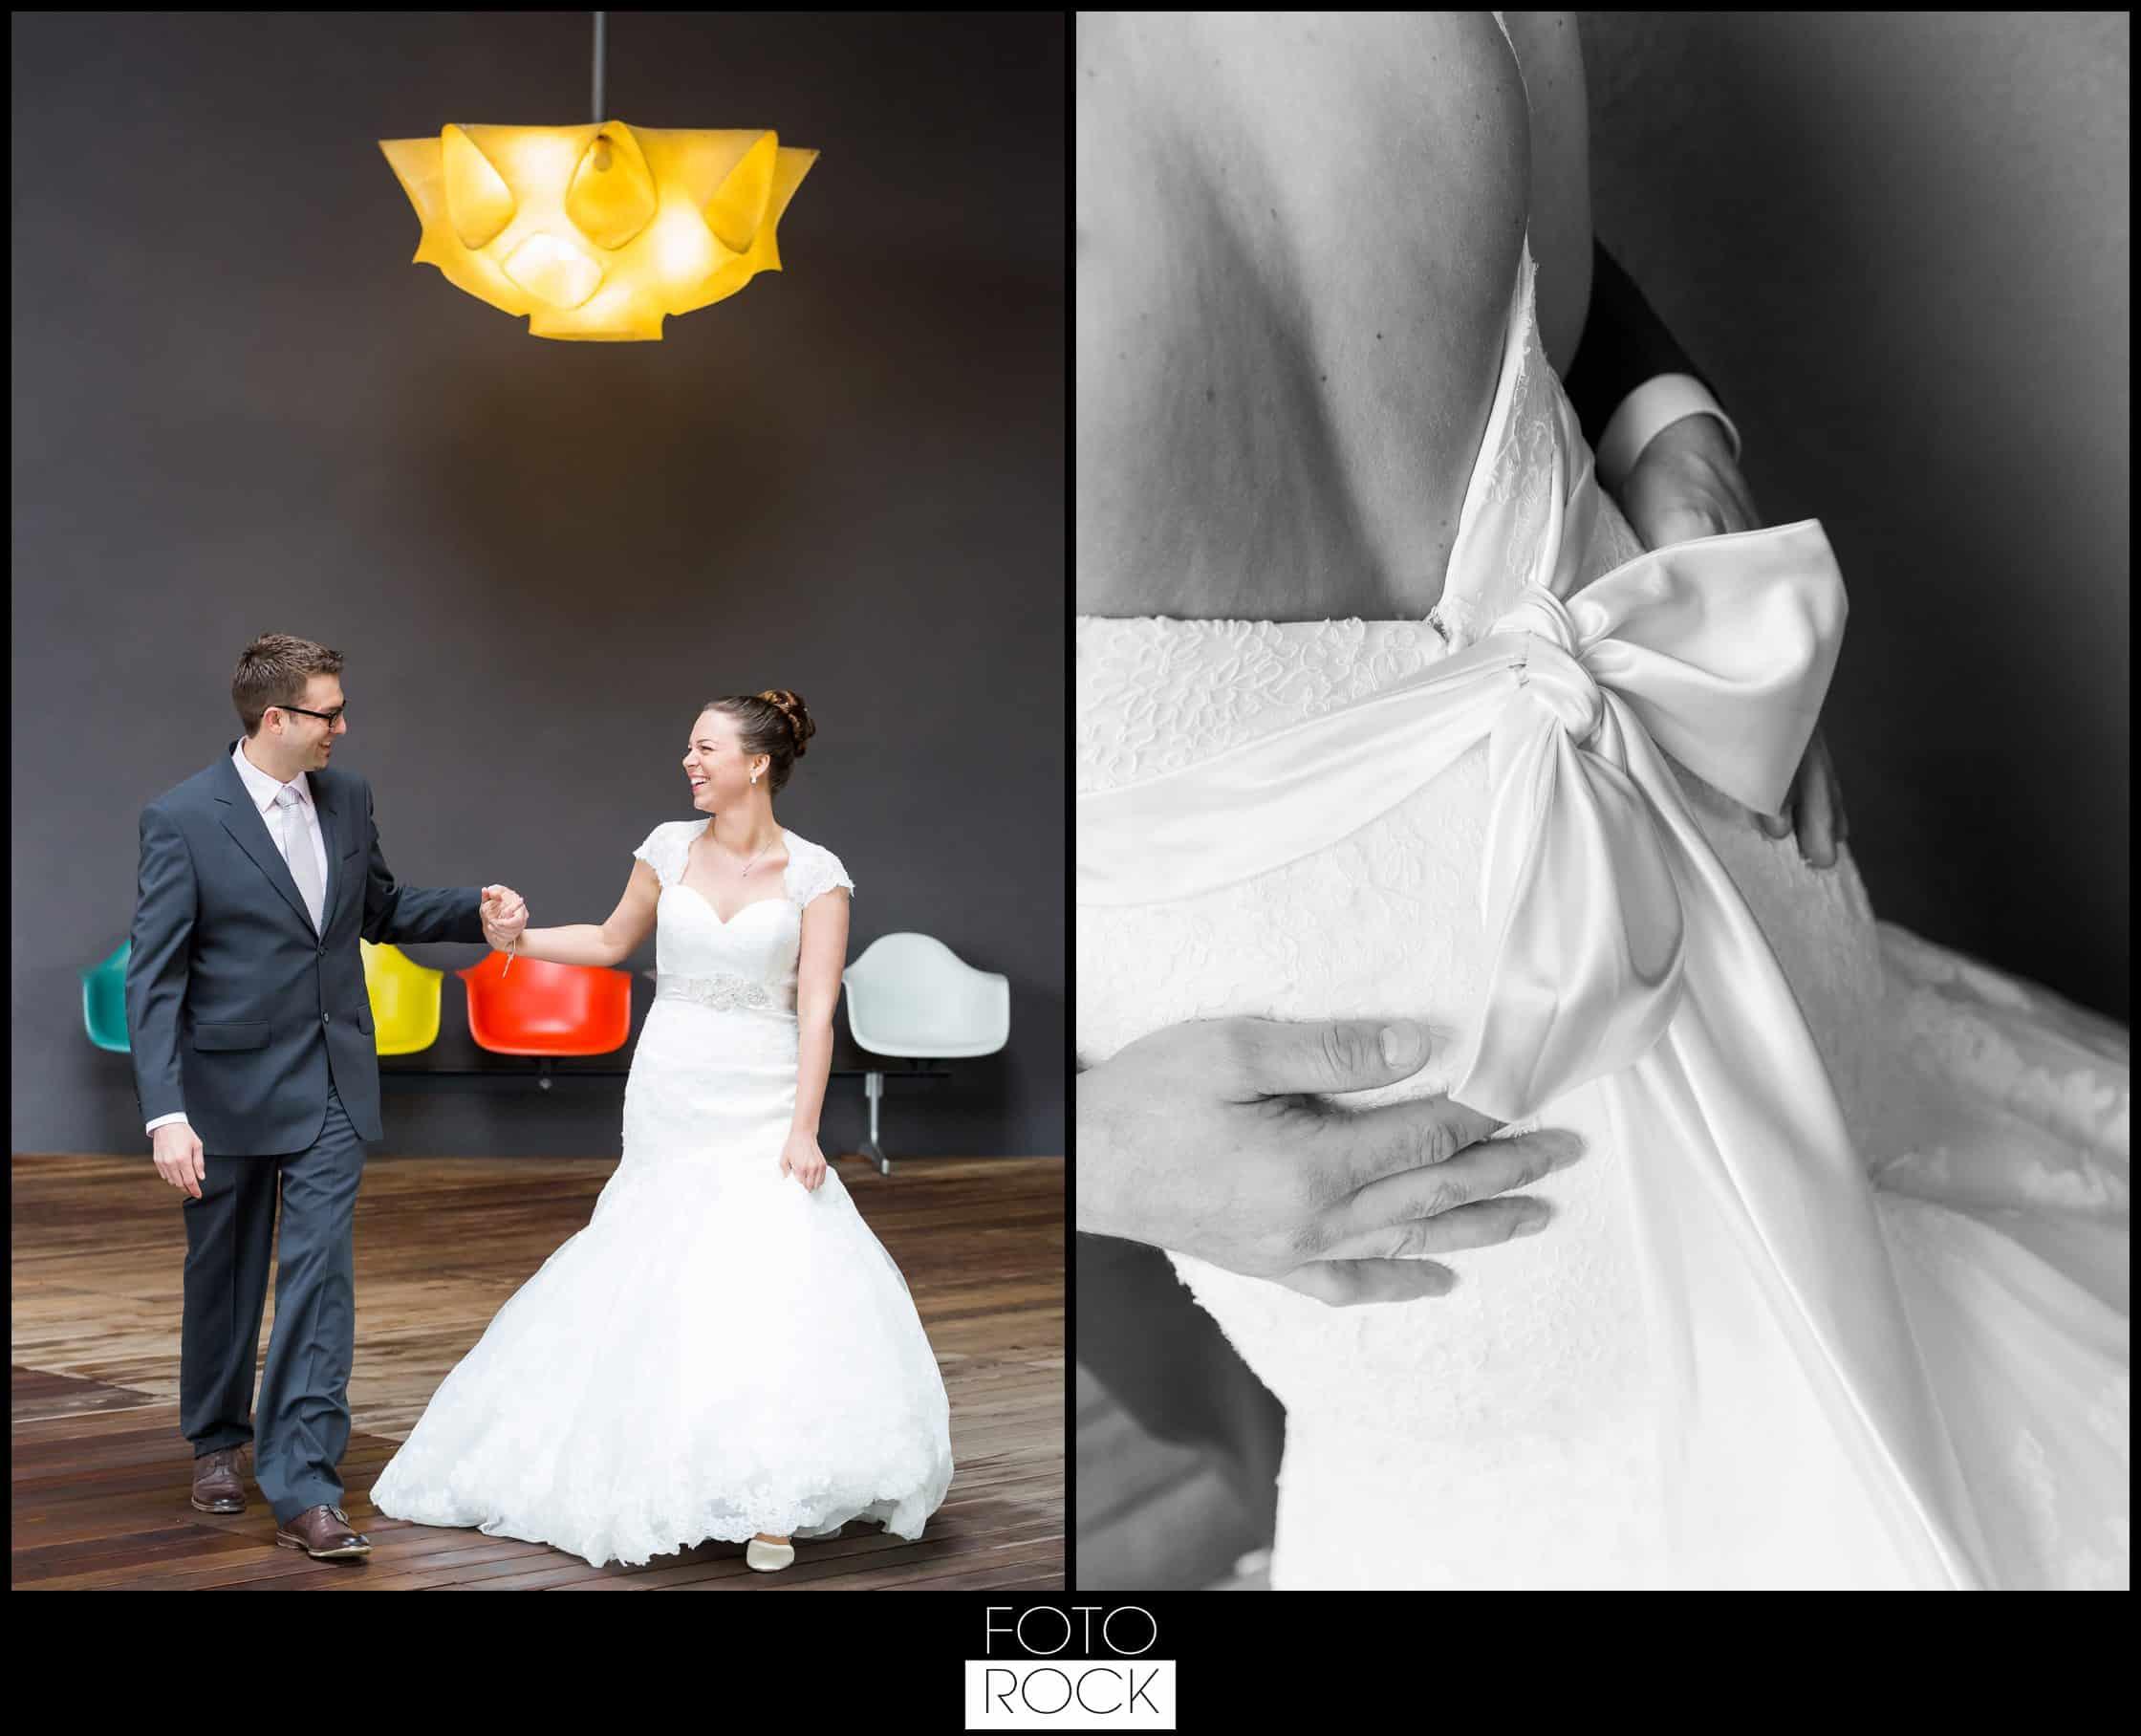 Hochzeit Vitra Design Museum Weil am Rhein Brautpaar Lampe Stühle Farben Brautkleid